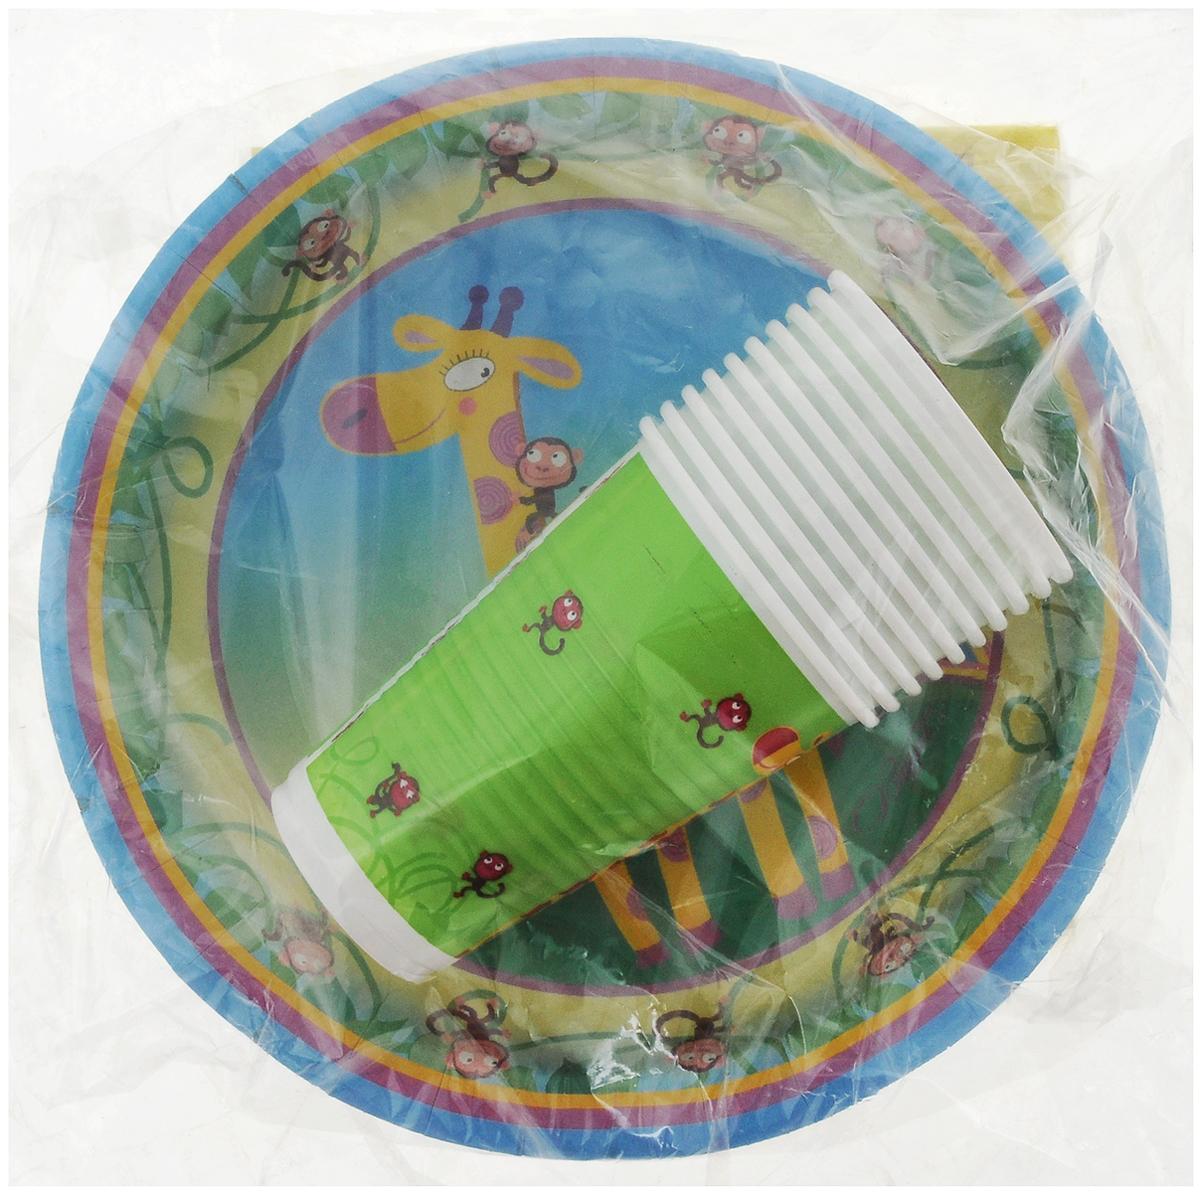 Набор одноразовой посуды Мистерия Детский, цвет: зеленый, 40 предметов187415_зеленыйНабор одноразовой посуды Мистерия Детский, цвет: зеленый, 40 предметов